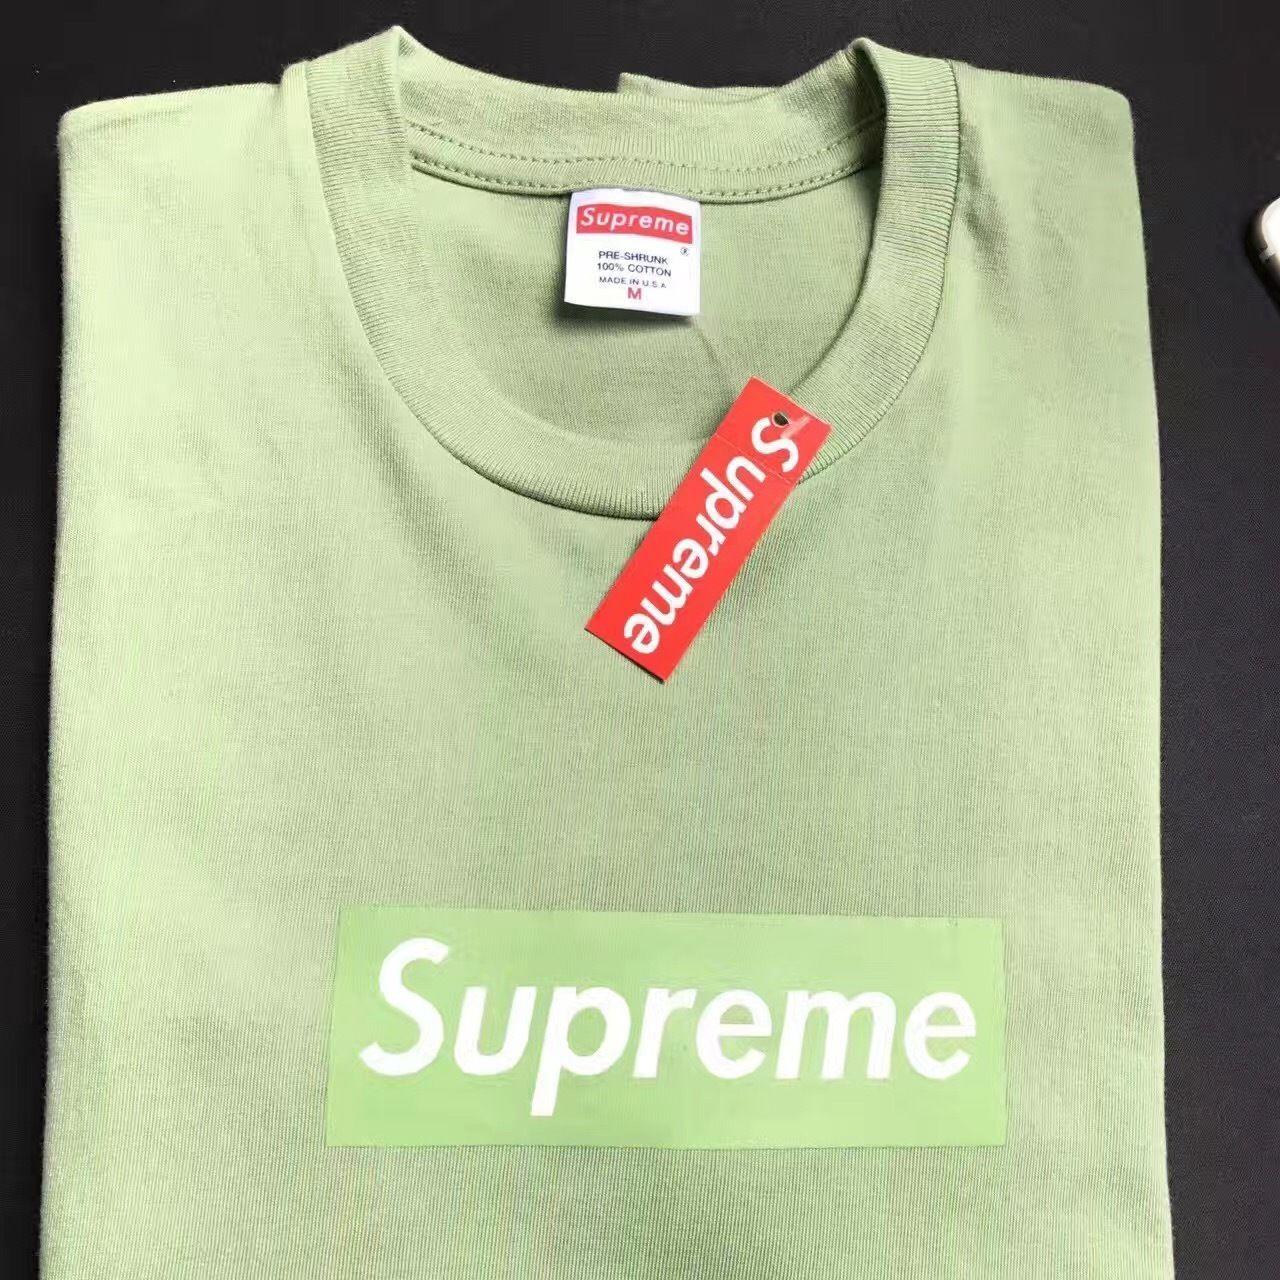 T-Shirt Printing 4 U Sweat-Shirt /à Capuche Gar/çon Vert Vert